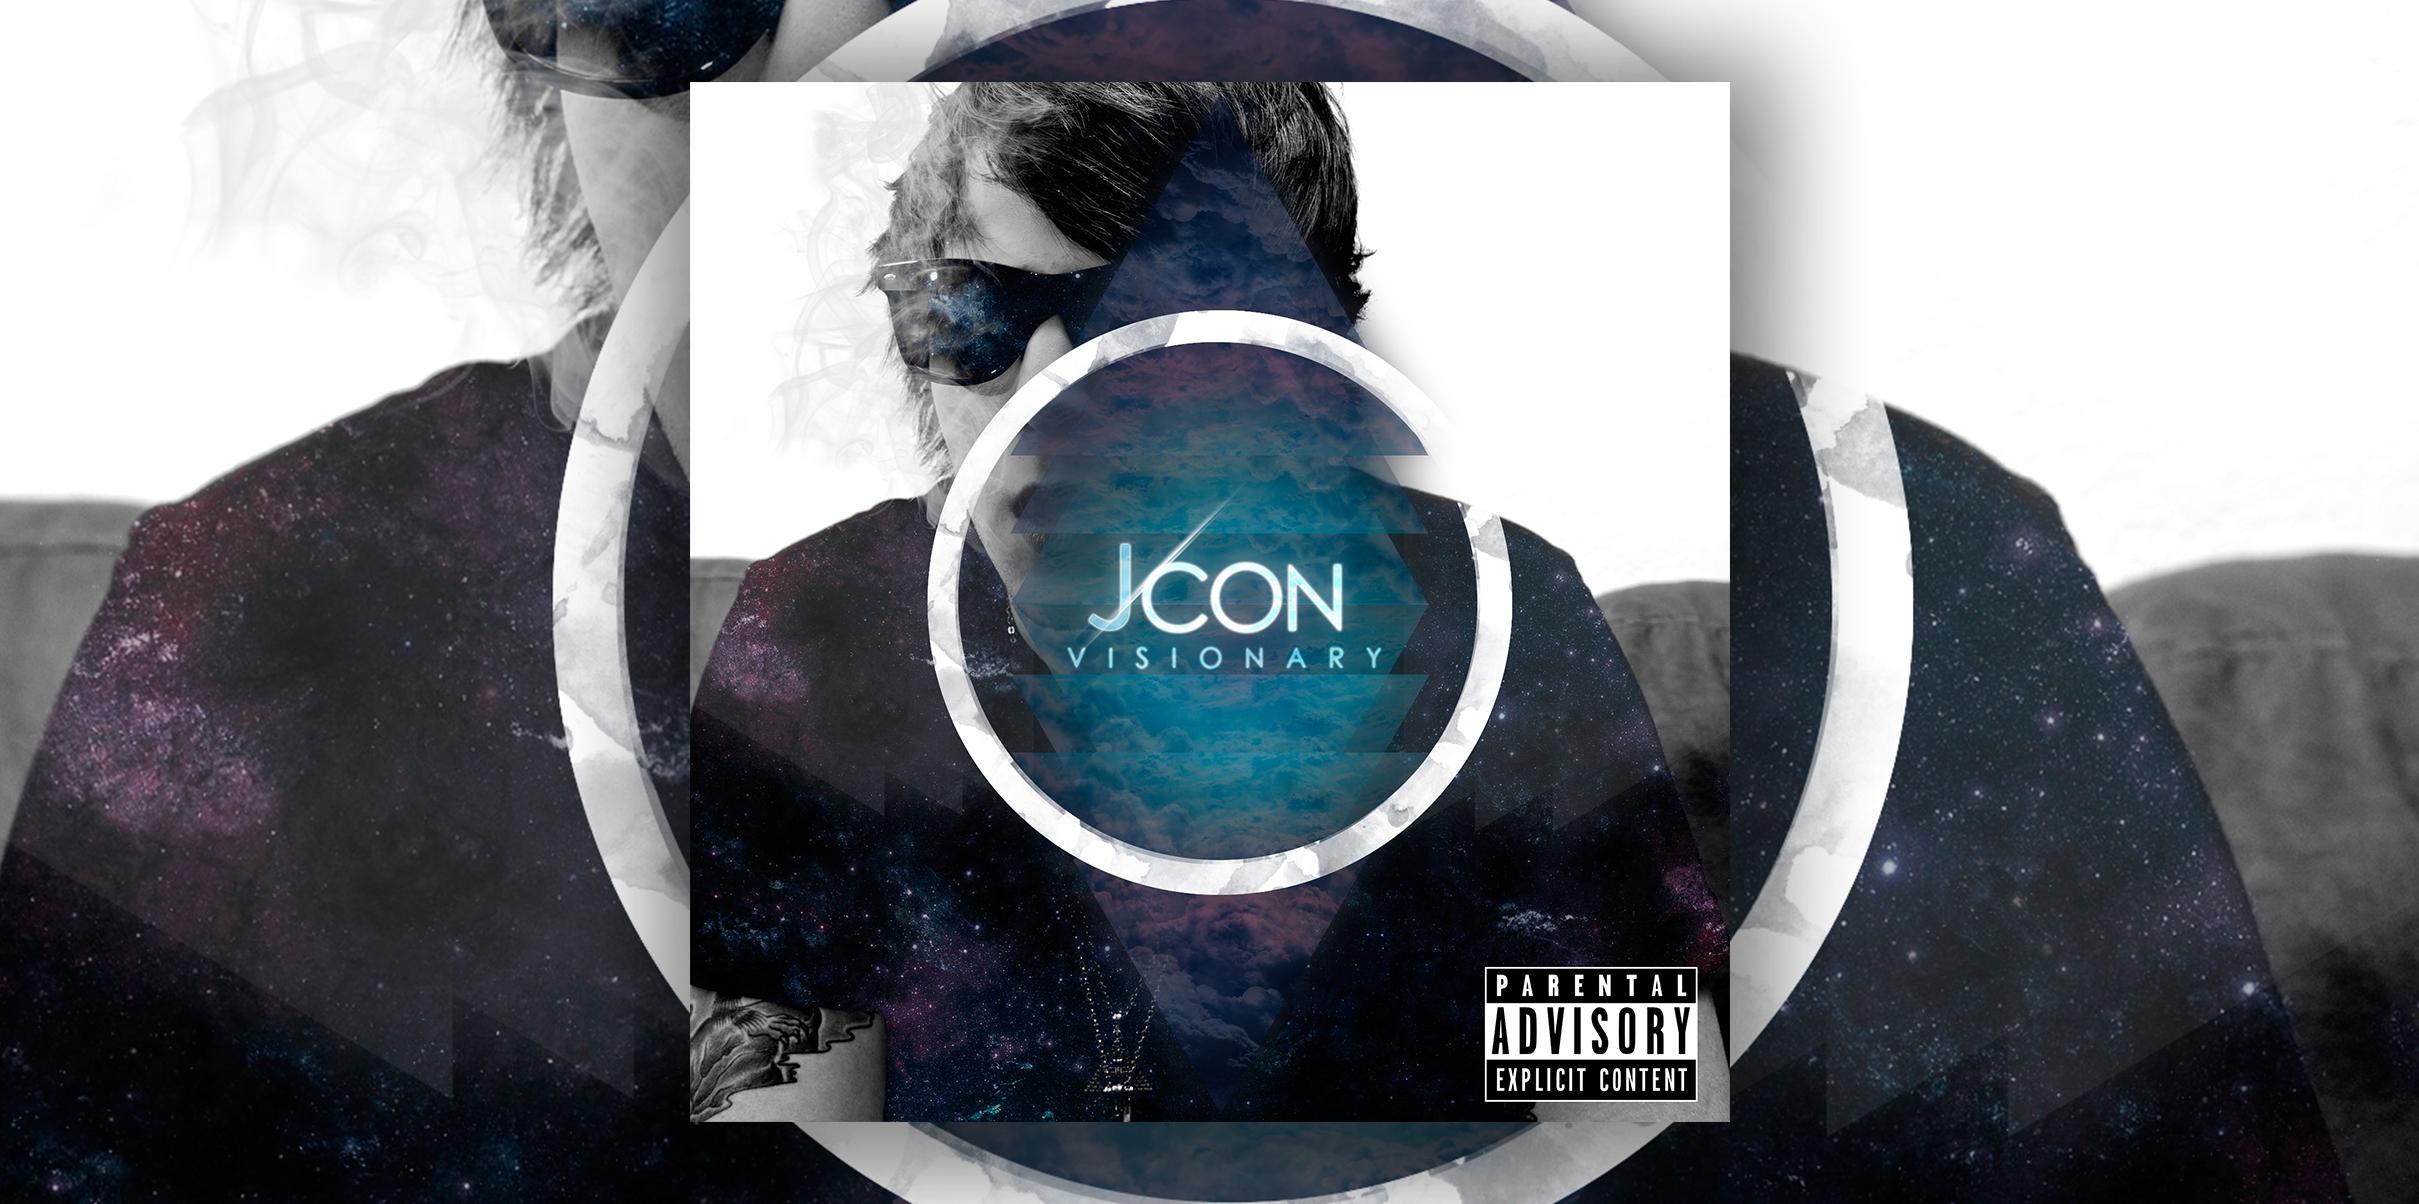 Jcon AA Display.jpg